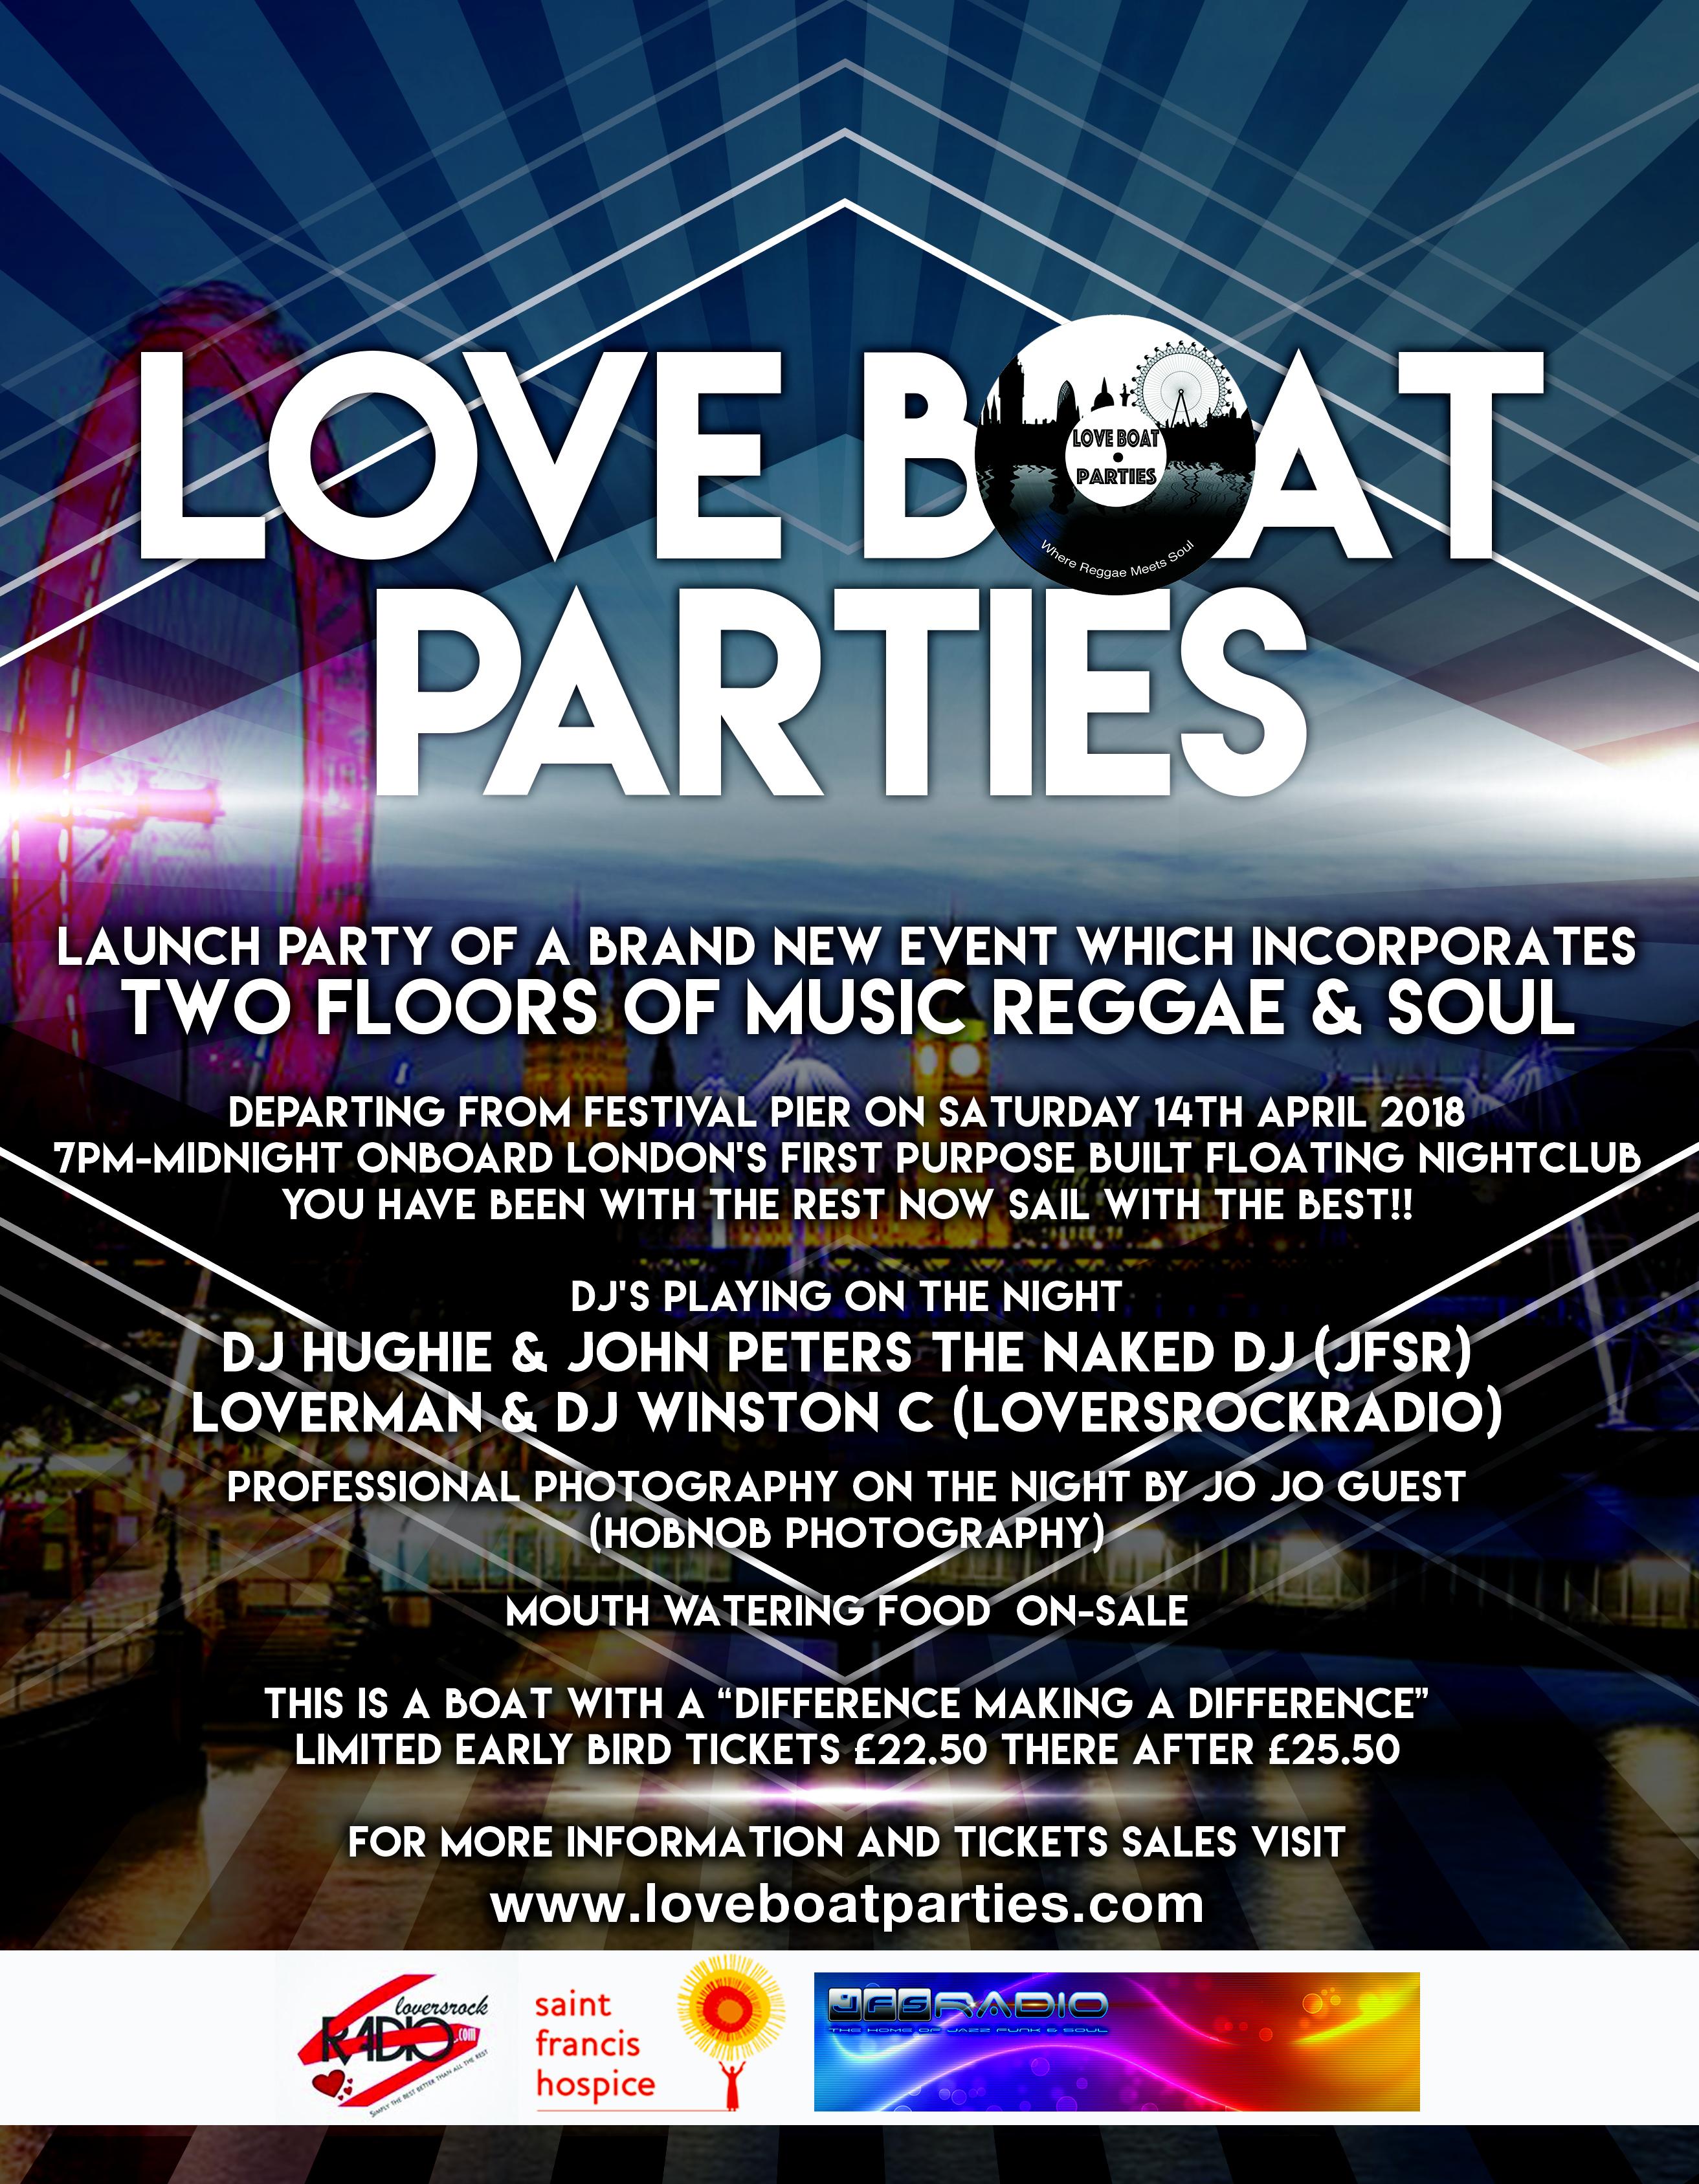 Launch of Love Boat Parties - Blacknet UK